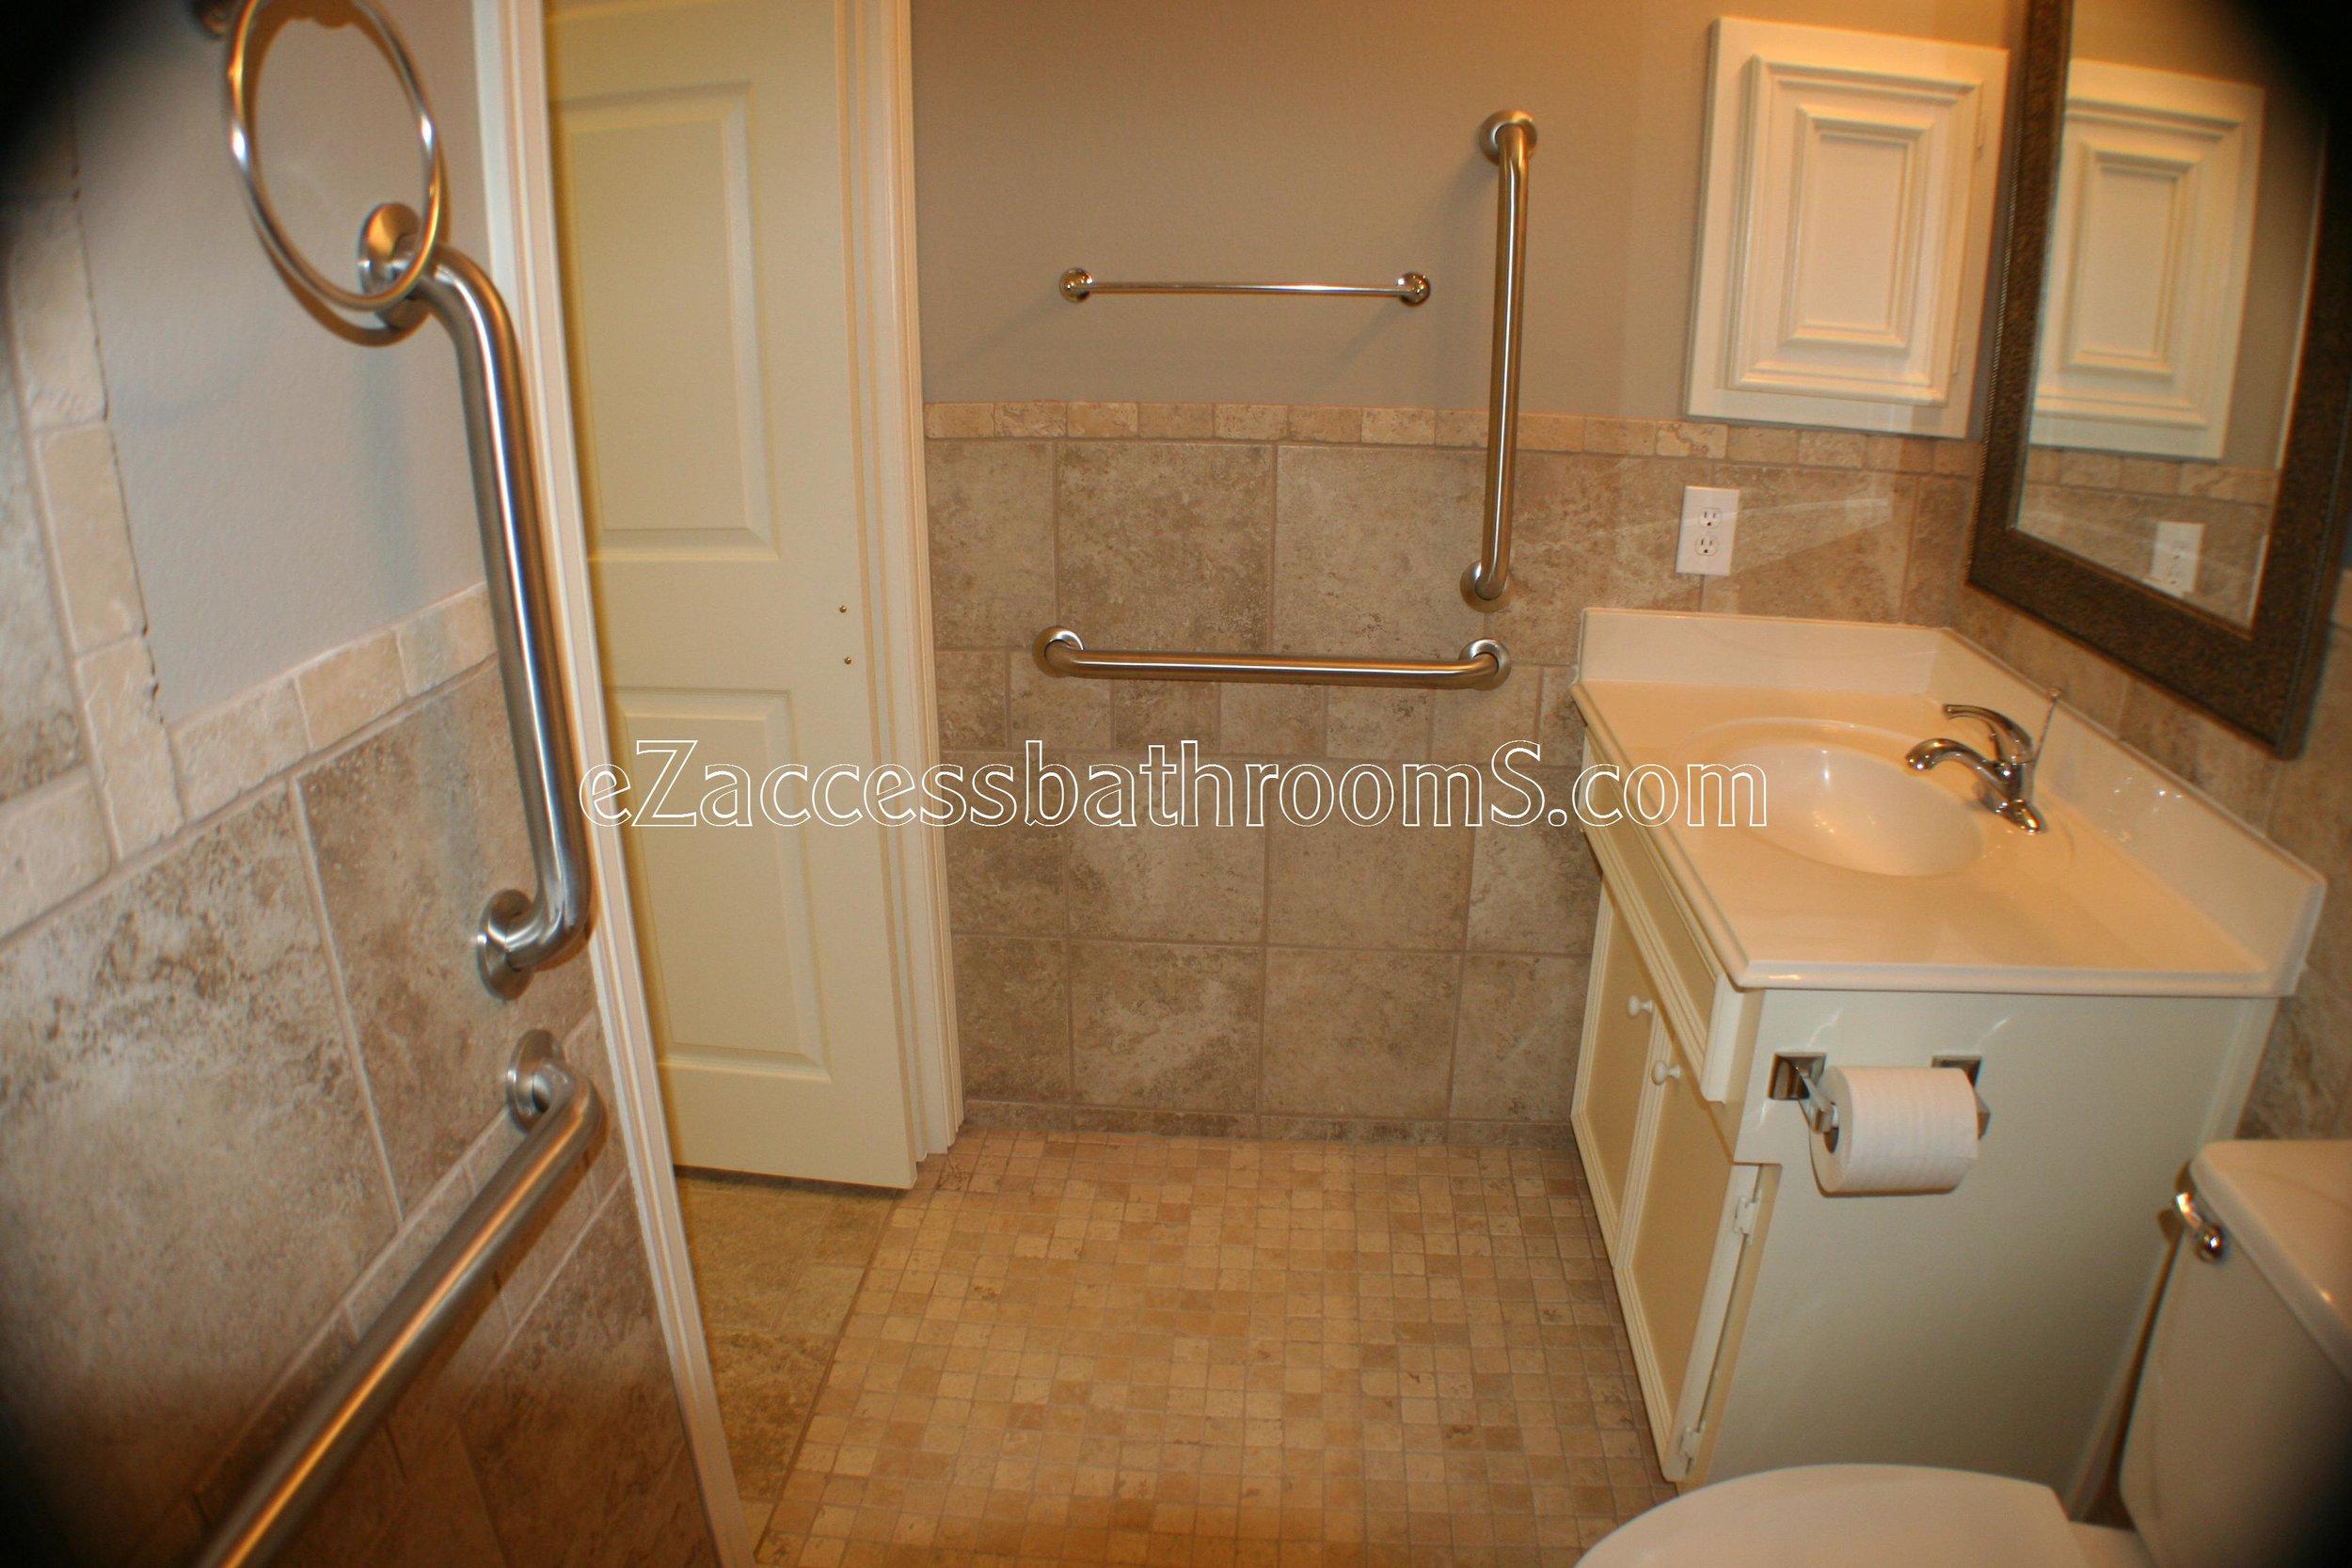 handicap bathroom 01 ezacessbathrooms.com 016.jpg